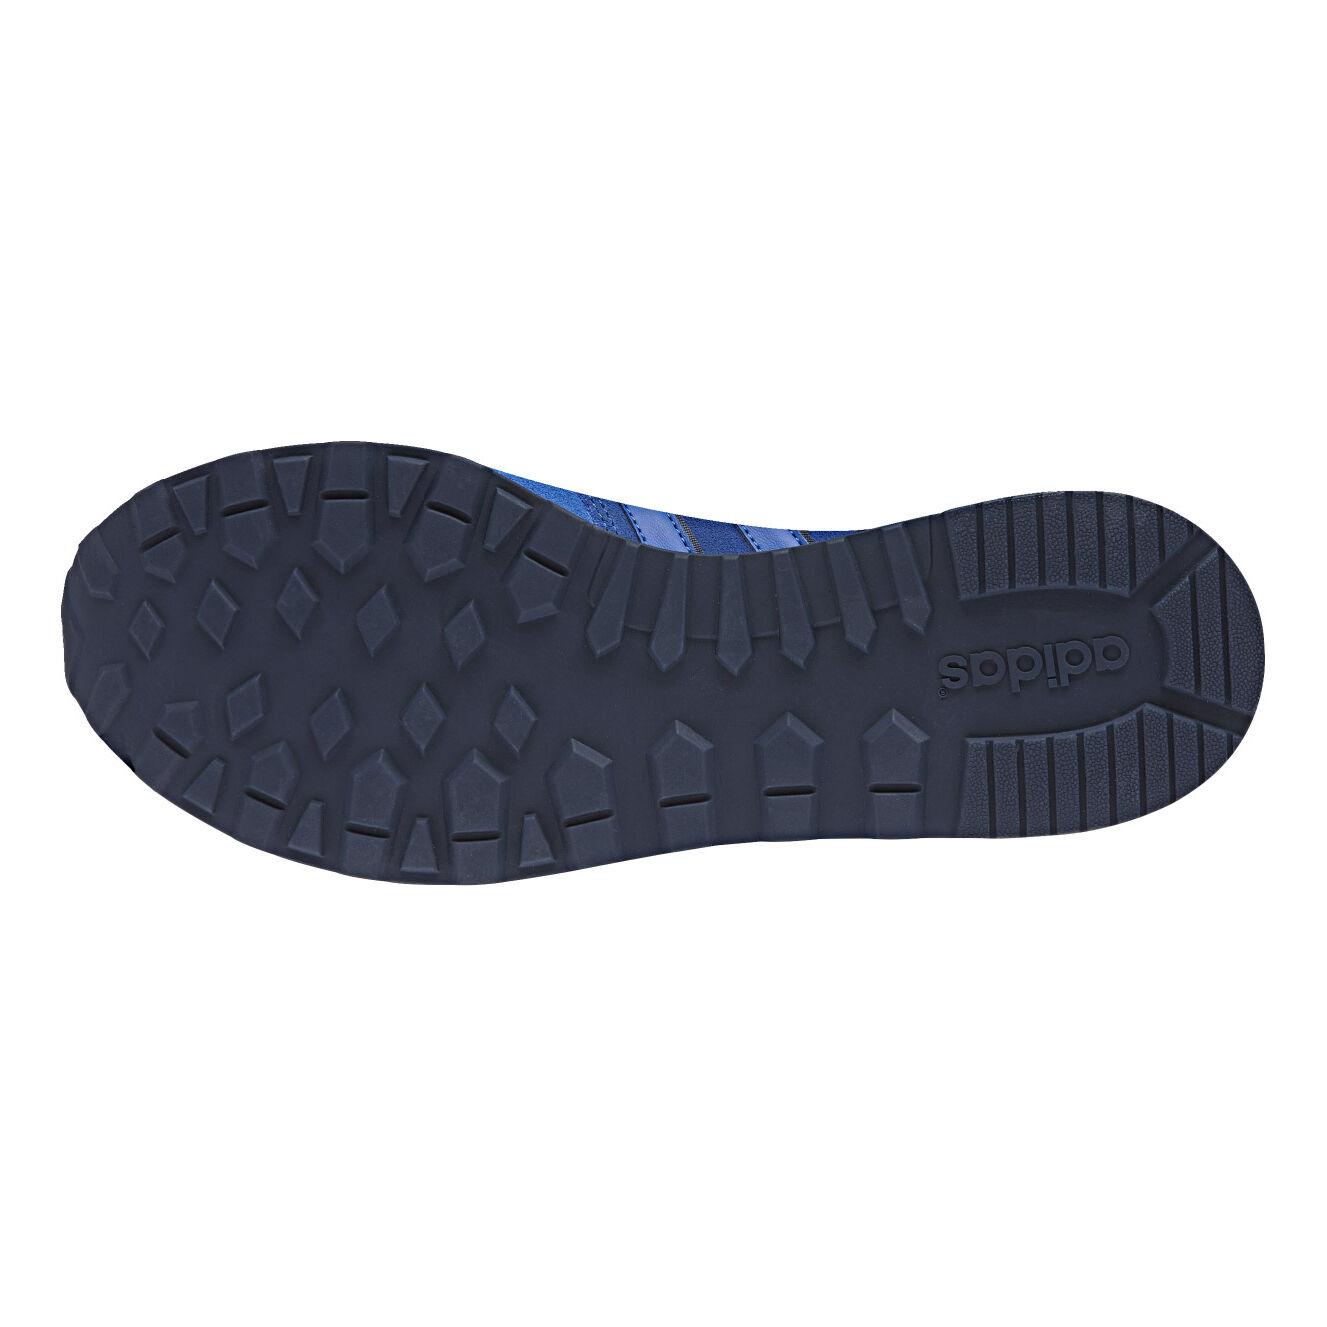 Sneaker BlauDunkelblau Herren adidas 10K NEO 4q3RLAj5